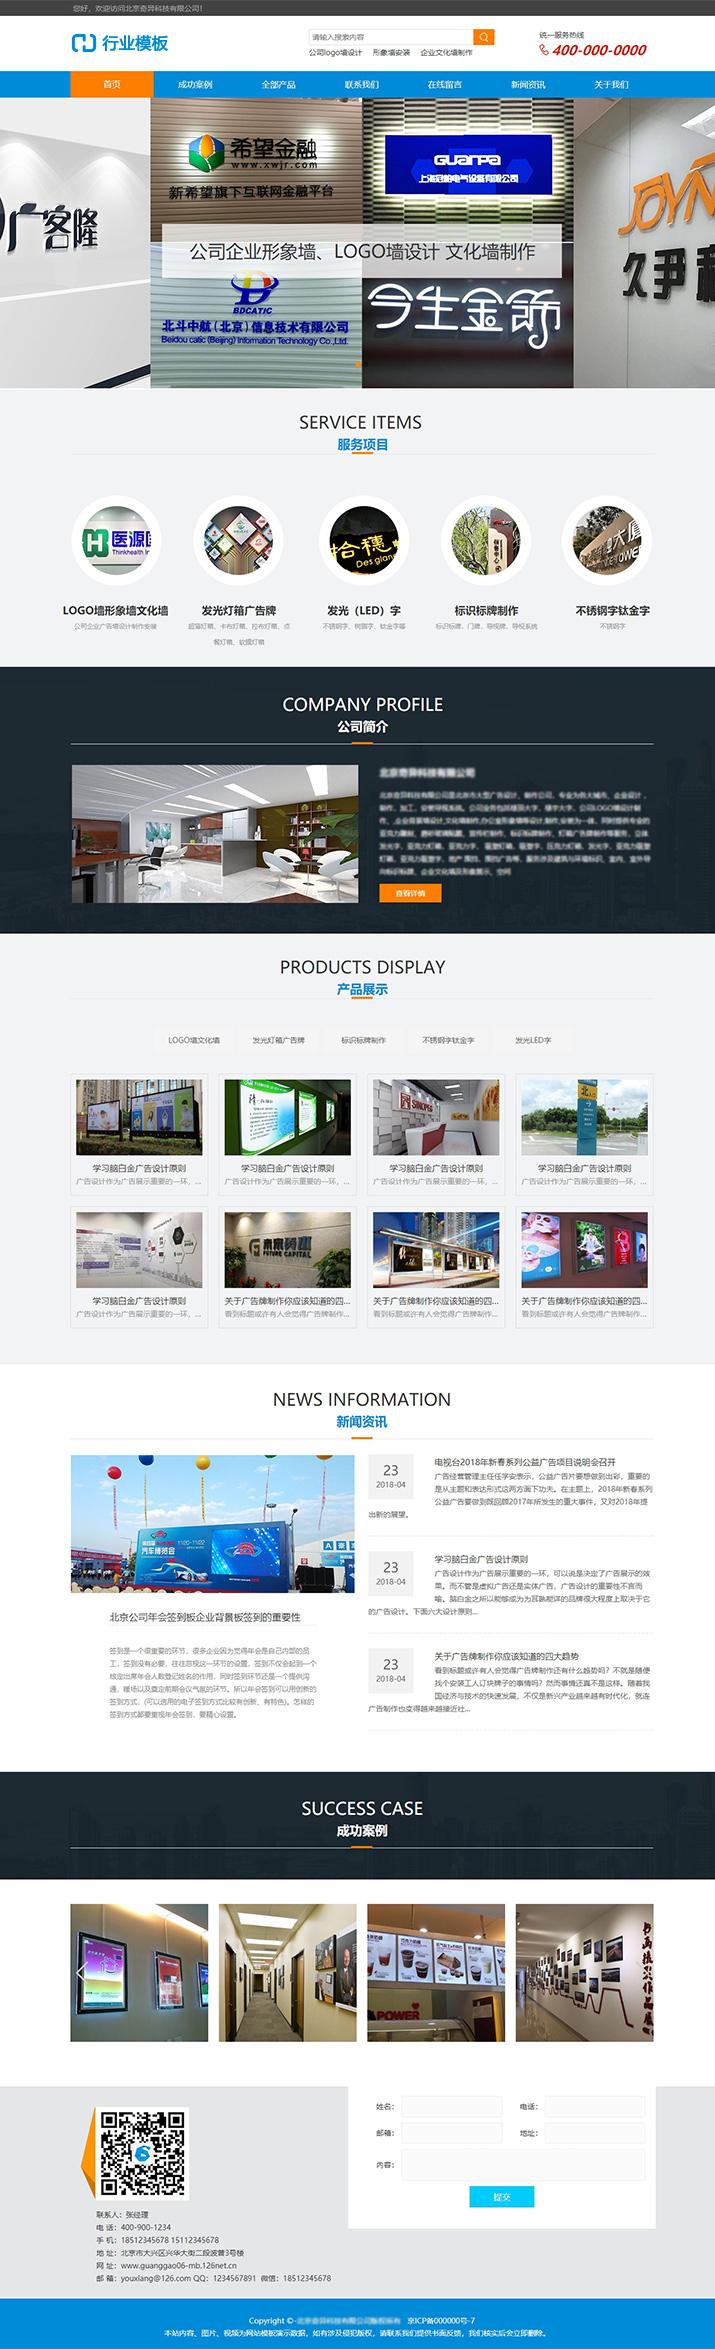 广告设计公司网站模板